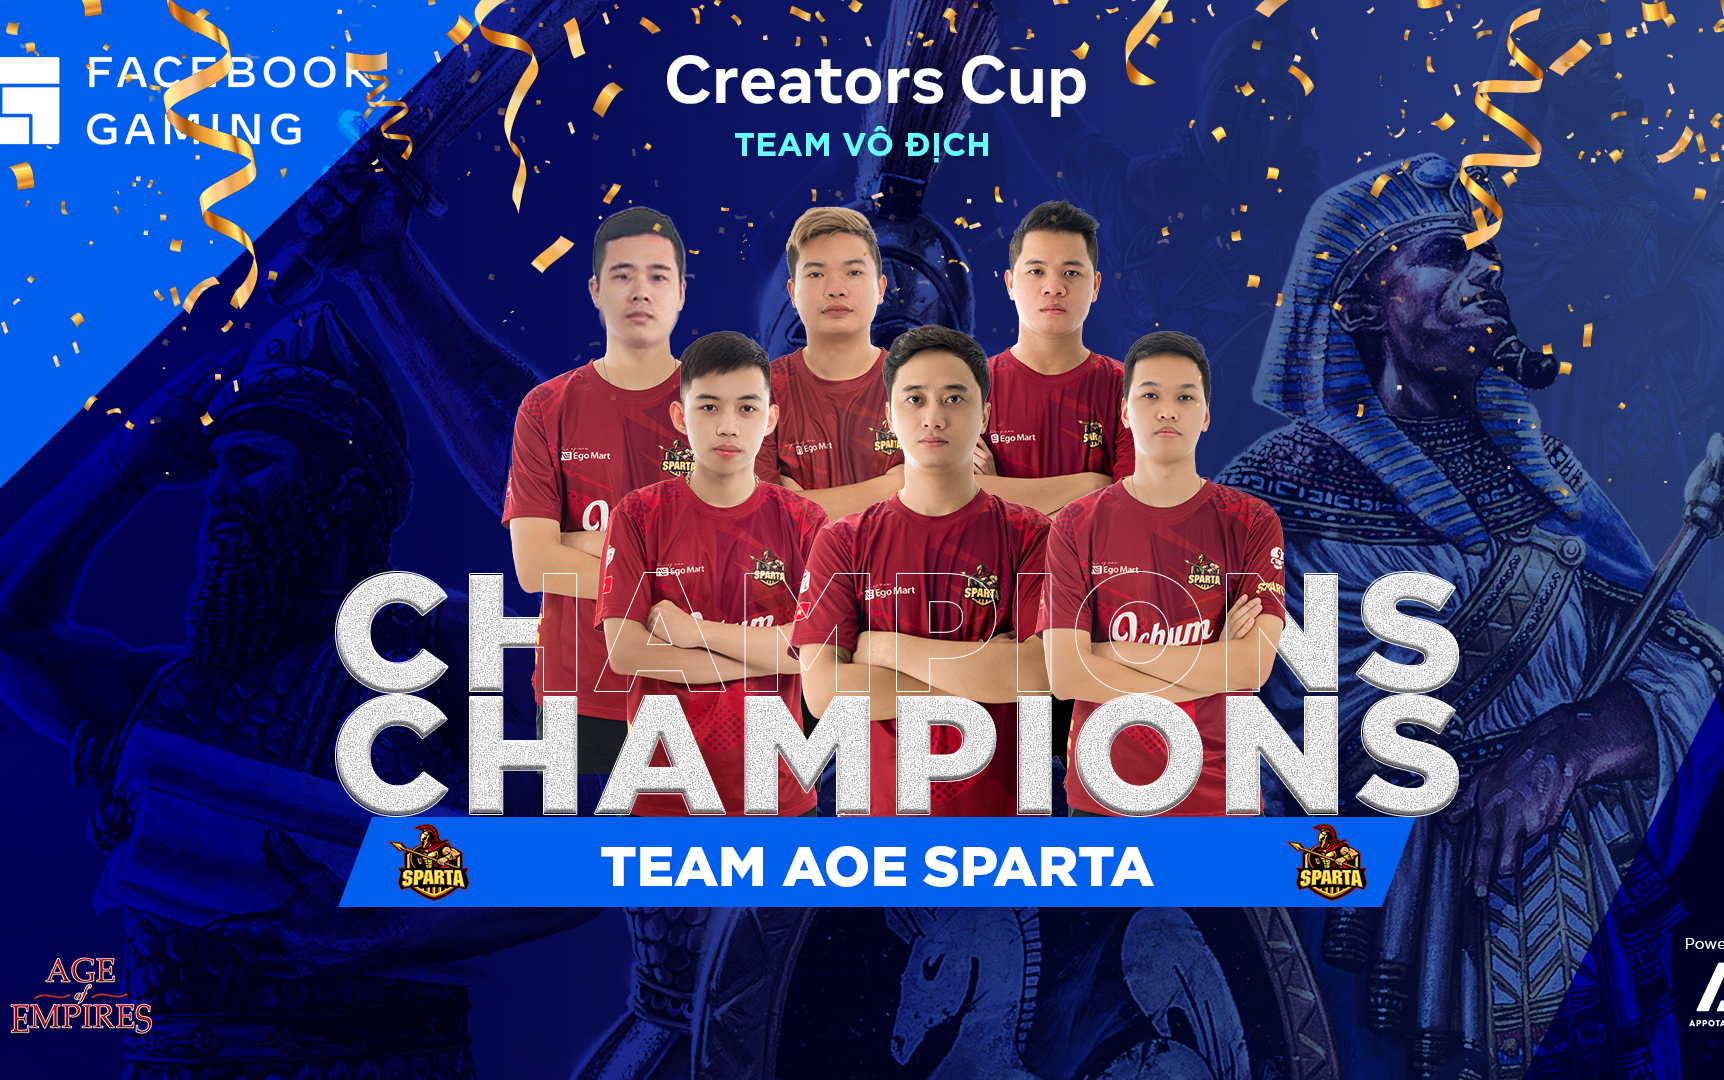 Facebook Gaming Creators Cup bất công gọi tên Nghệ An và chức vô địch xứng đáng giành cho Sparta